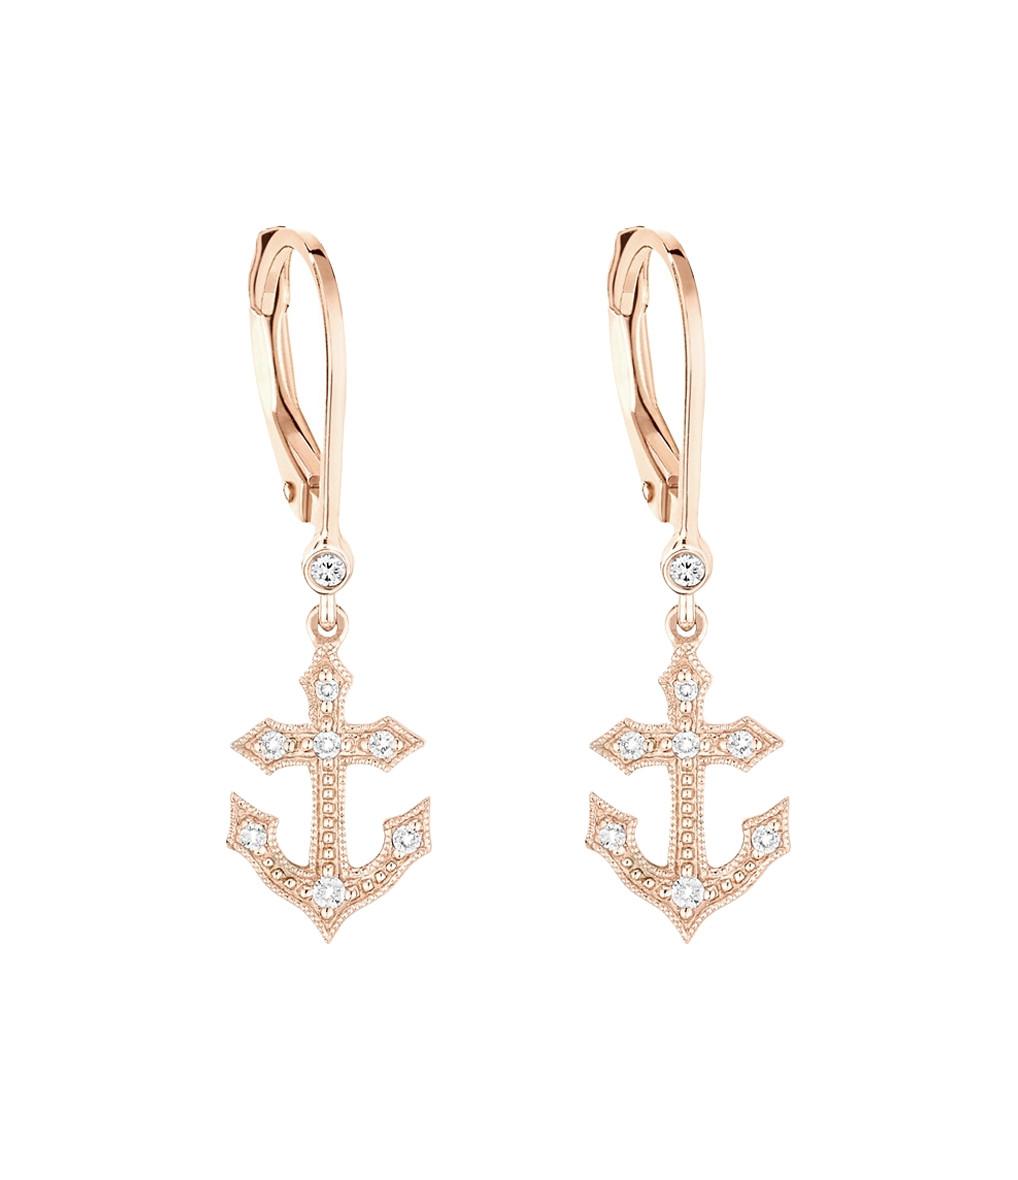 STONE PARIS - Boucles d'oreilles Dormeuses Jala Diamants